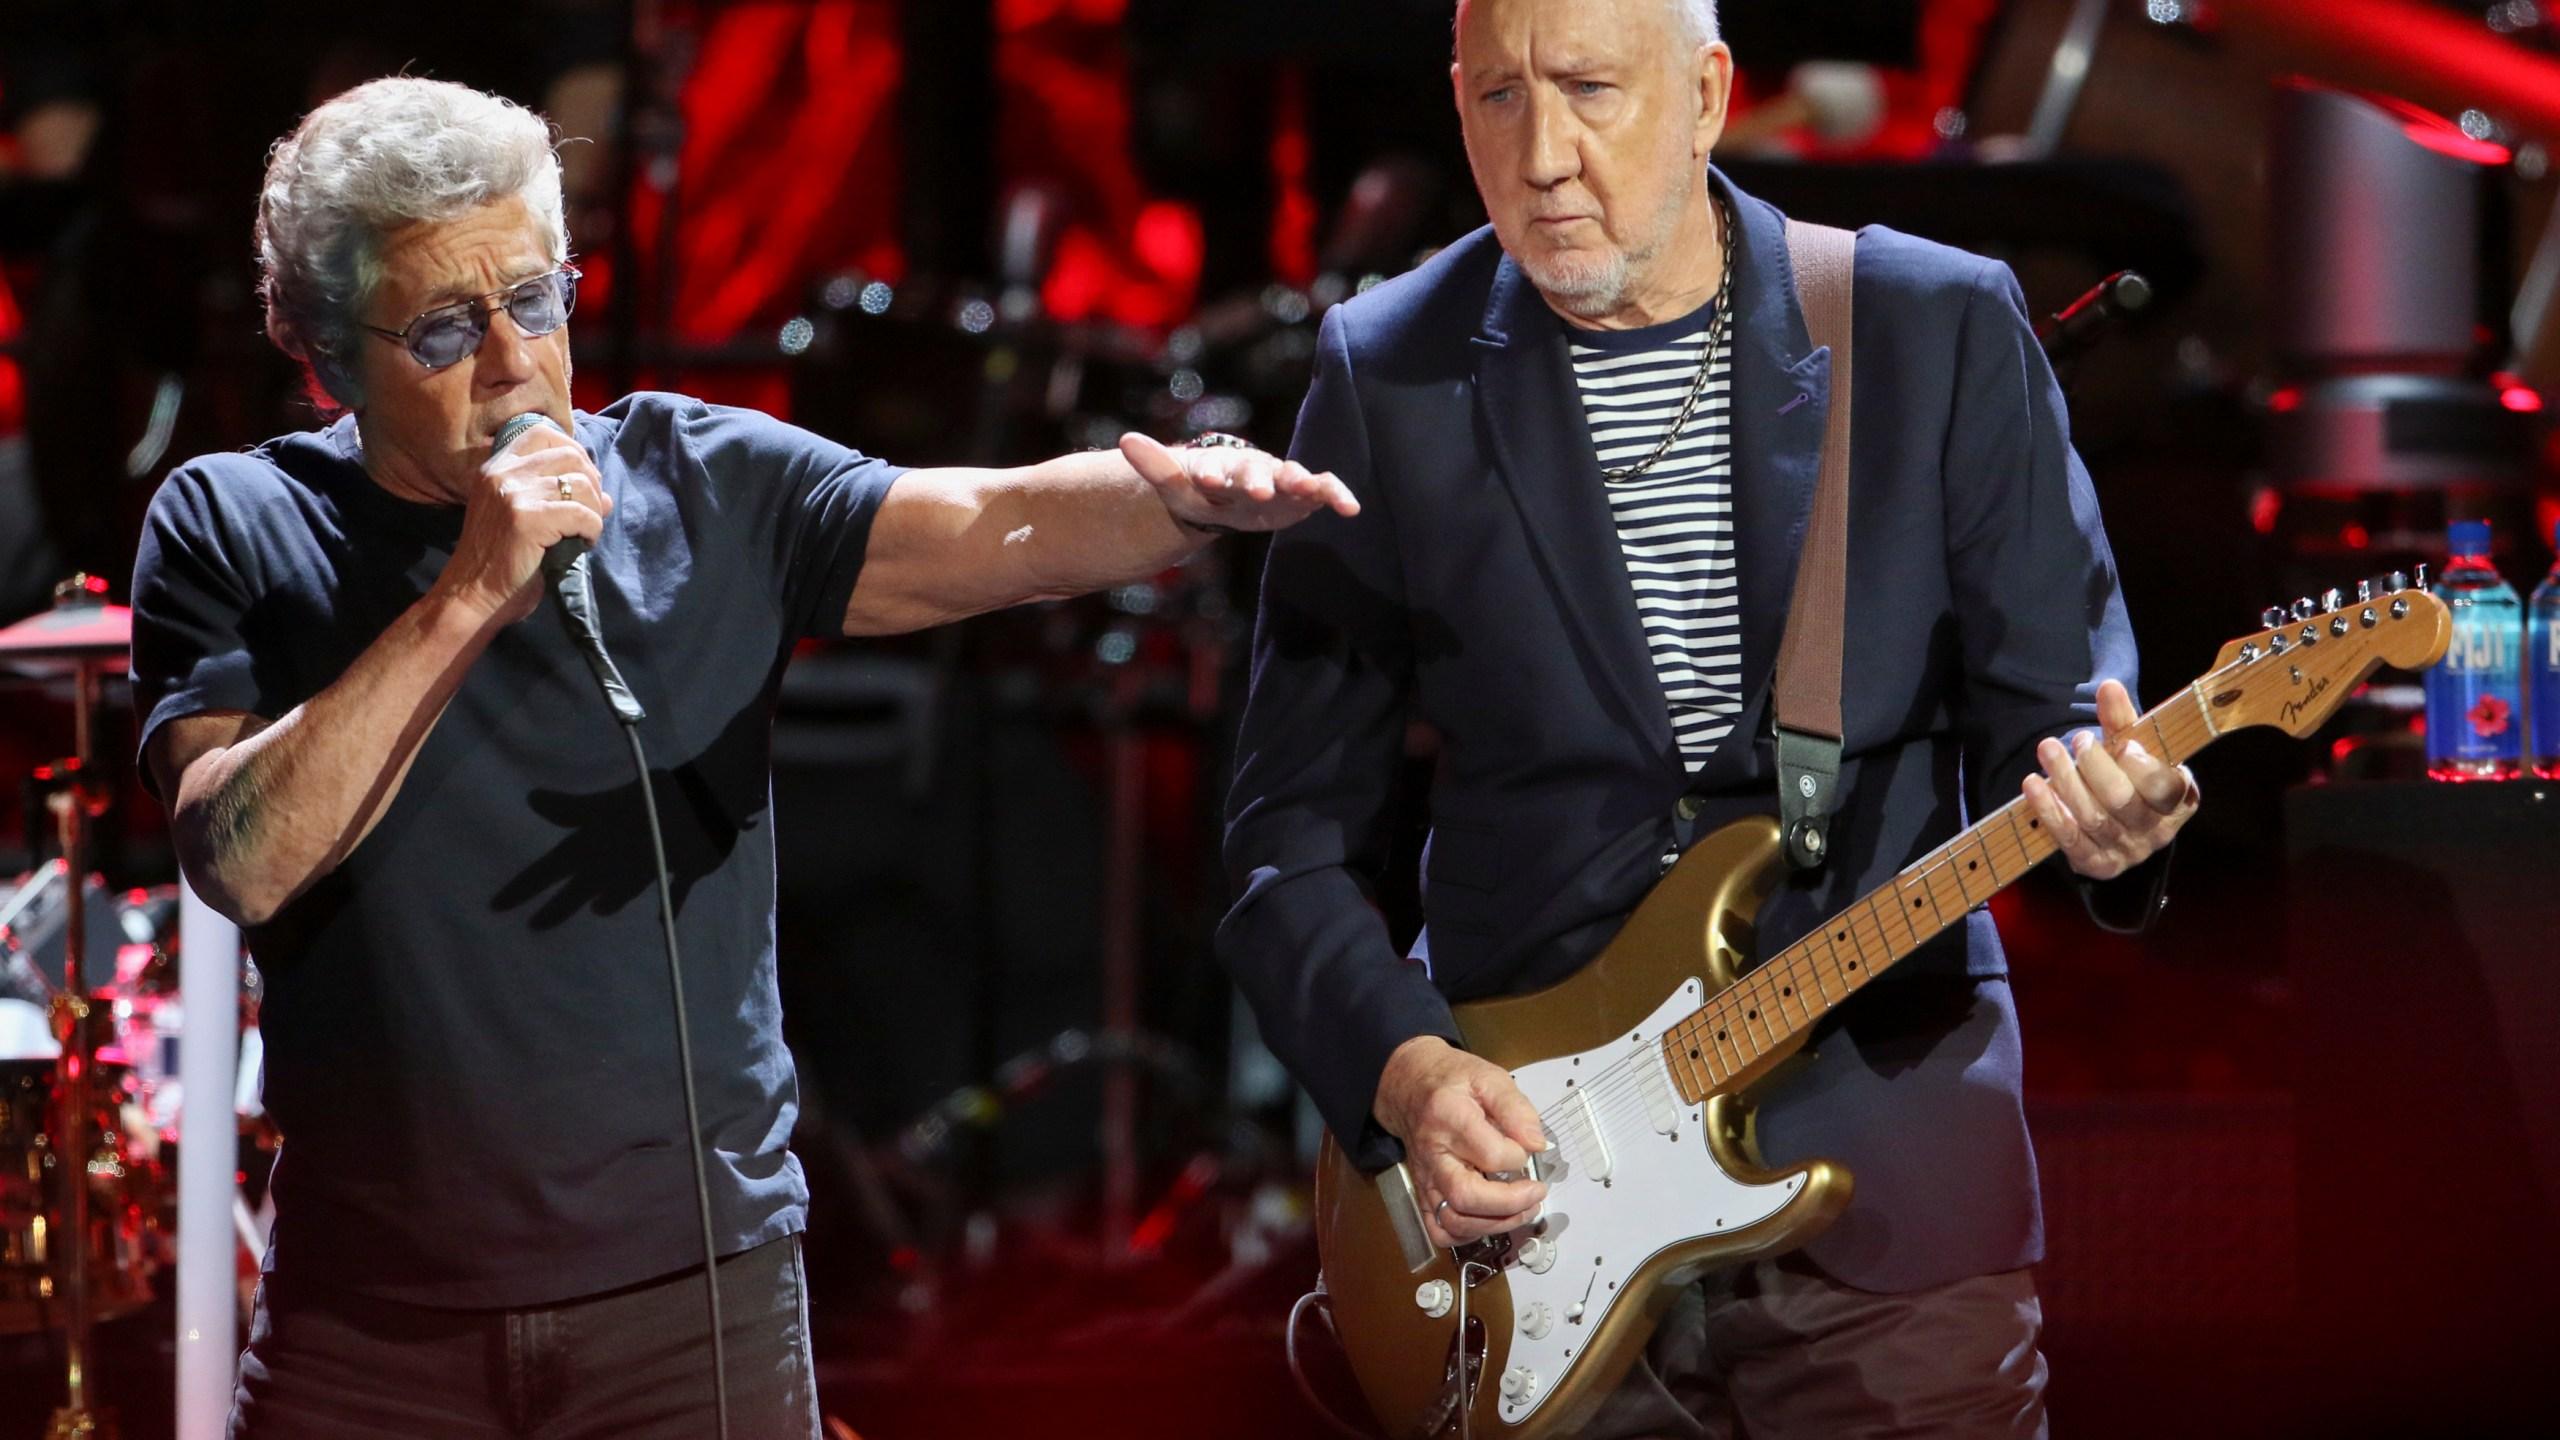 Roger Daltrey, Pete Townshend